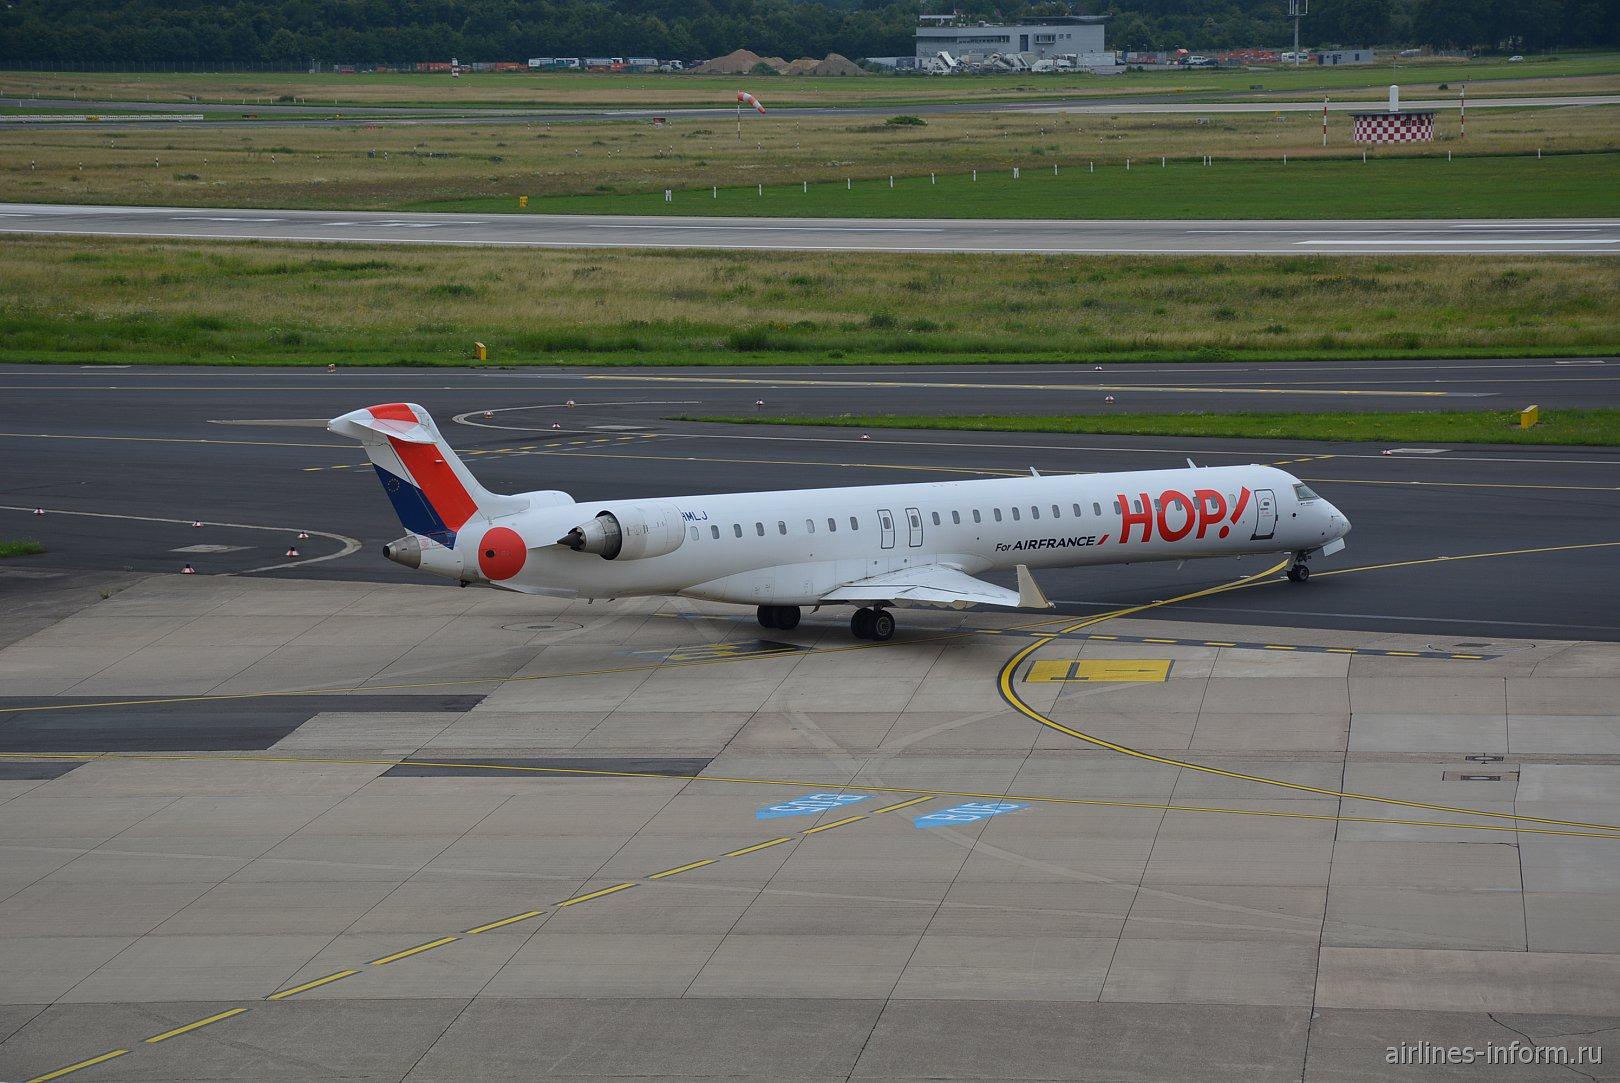 Самолет Bombardier CRJ-1000 авиакомпании HOP! в аэропорту Дюссельдорфа